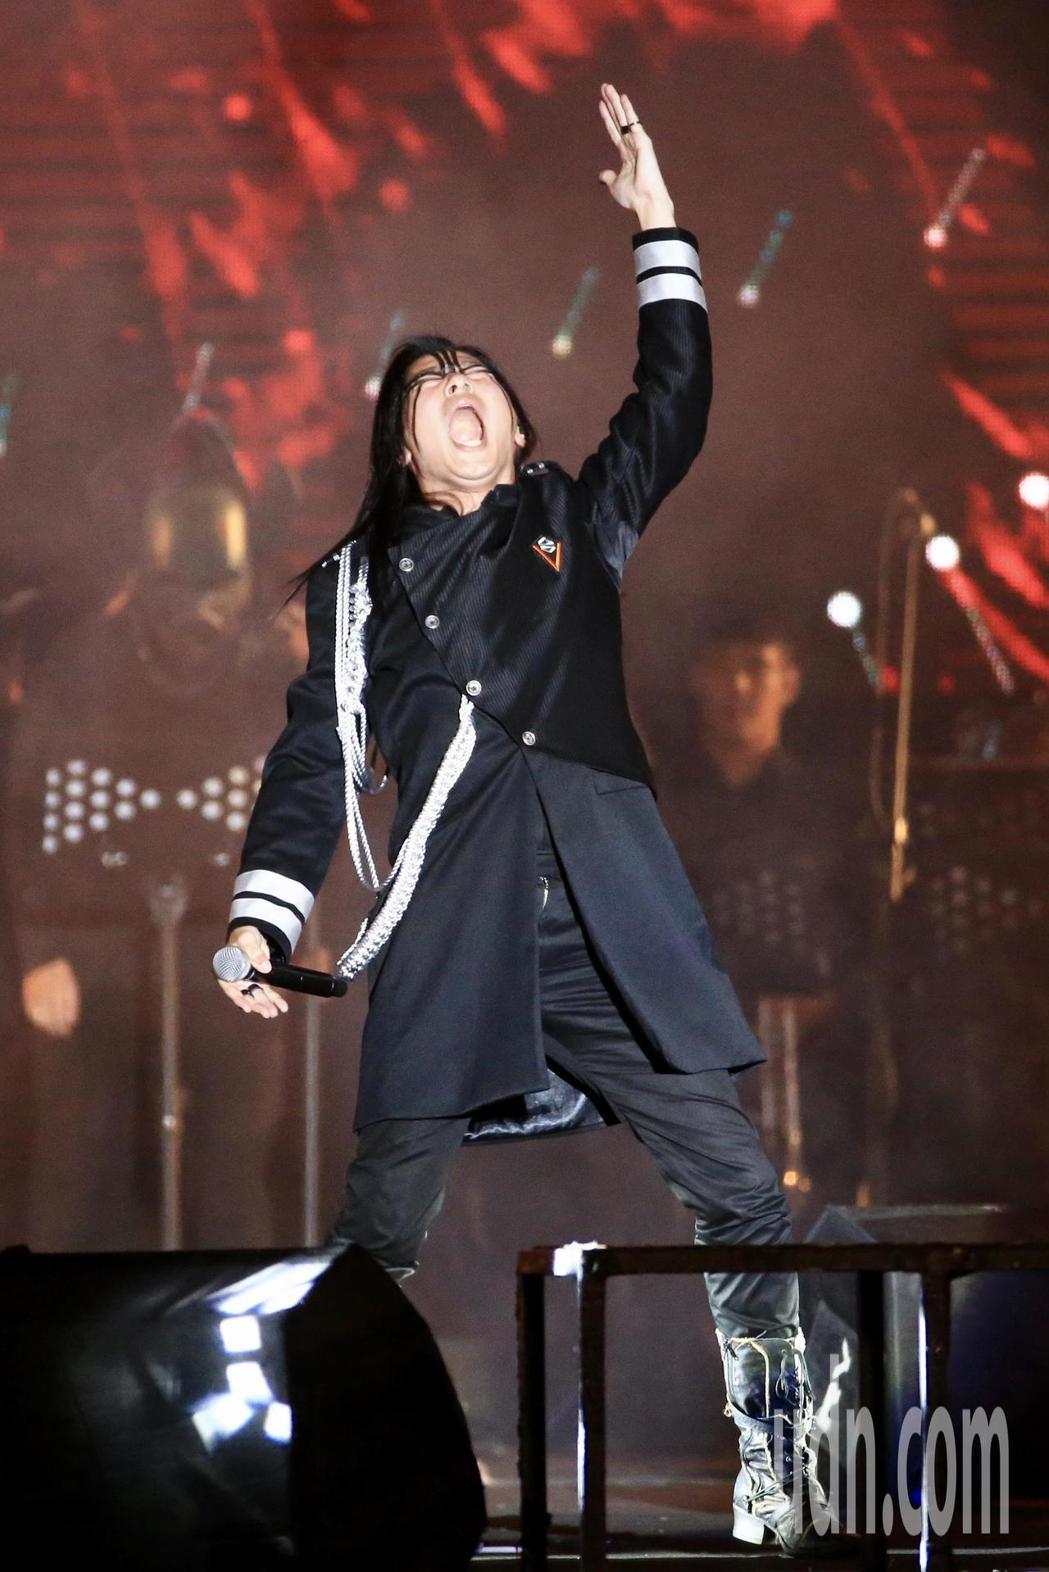 閃靈樂團晚上在凱達格蘭大道舉行睽違四年的「台灣大凱旋」戶外演出,此場演出也同時是...